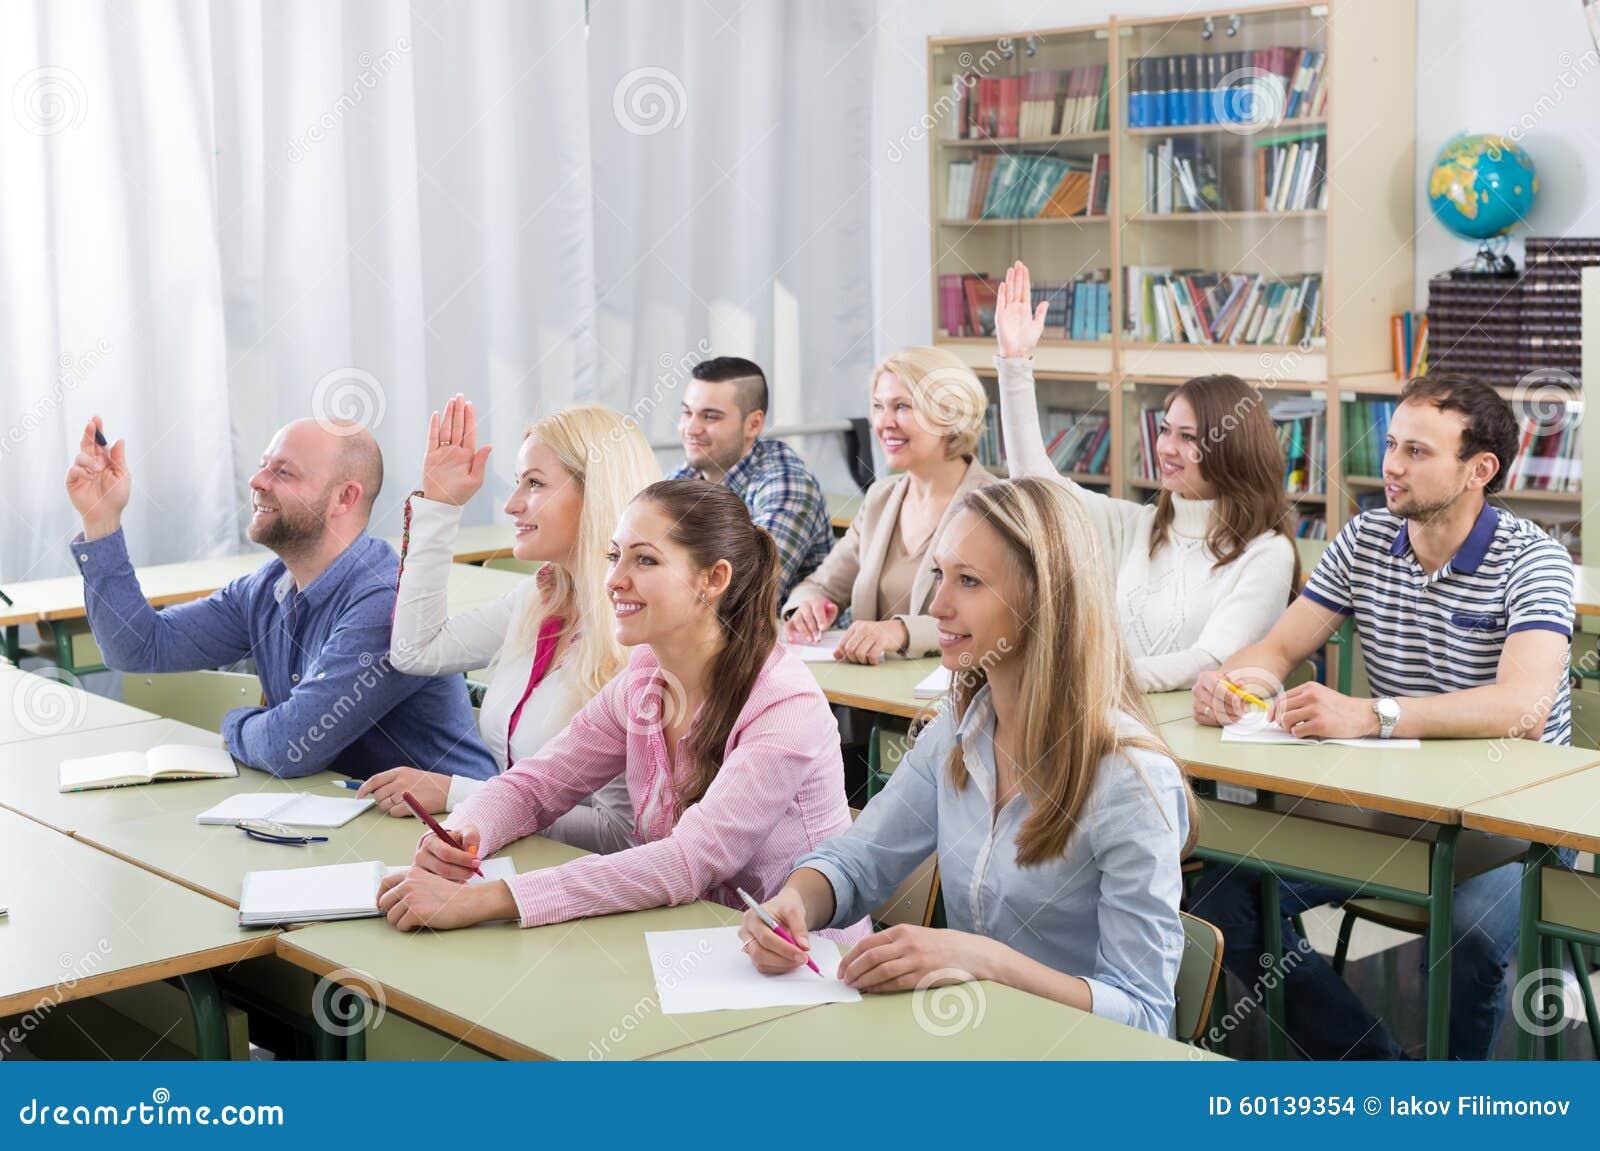 Nett Student Setzt Für Hochschule Fort Ideen - Beispiel Business ...